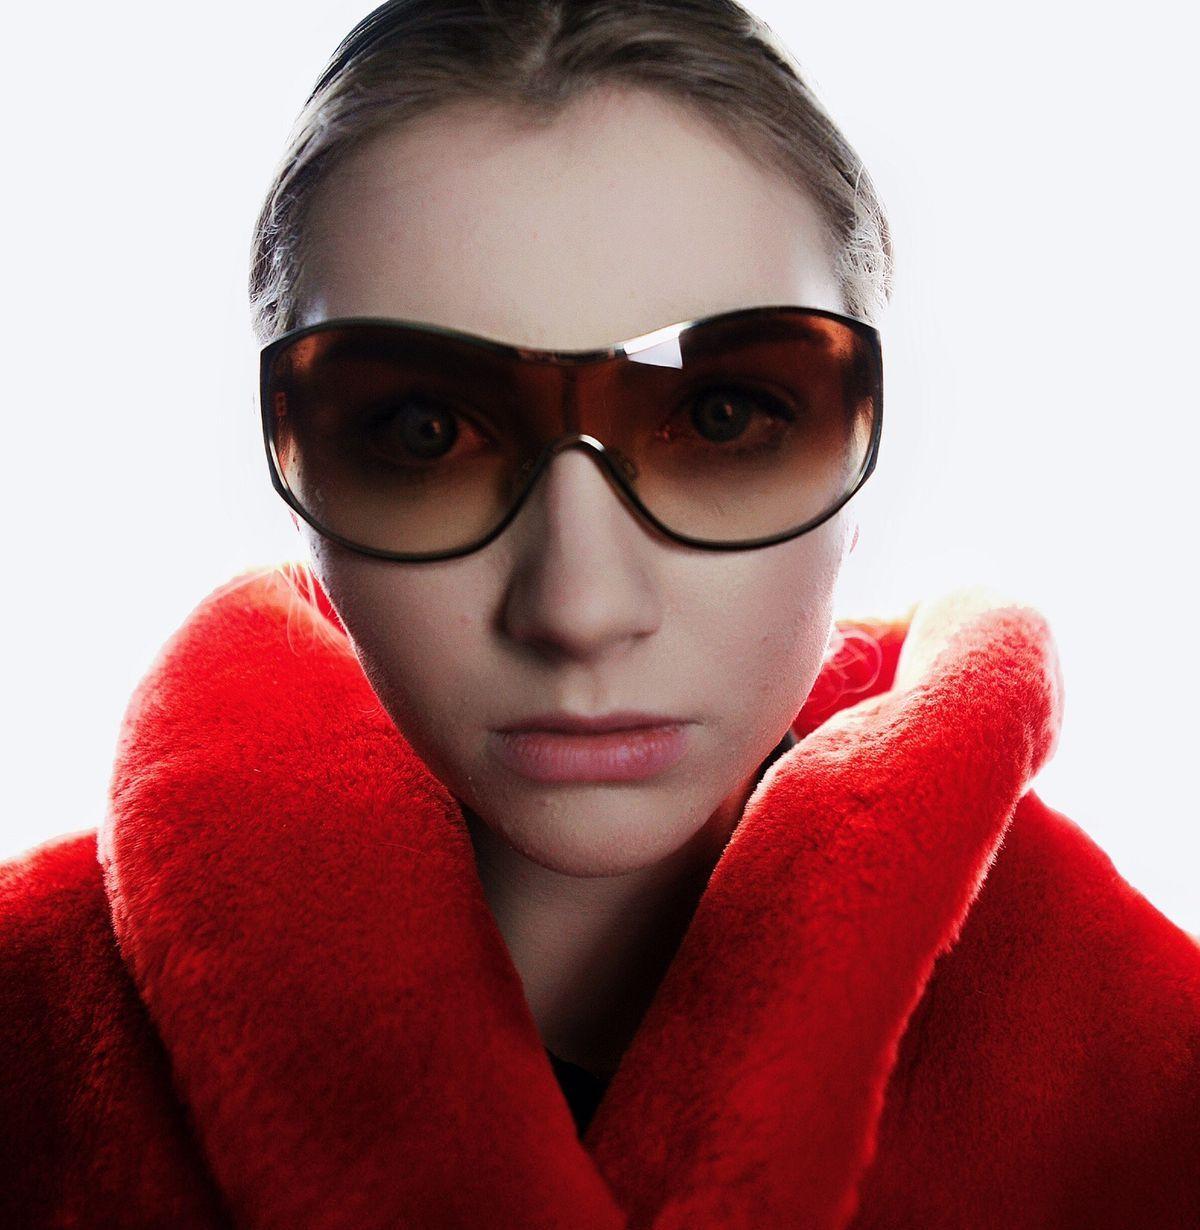 Winterschlussverkauf: Shopper suchen Fashion-Schnäppchen